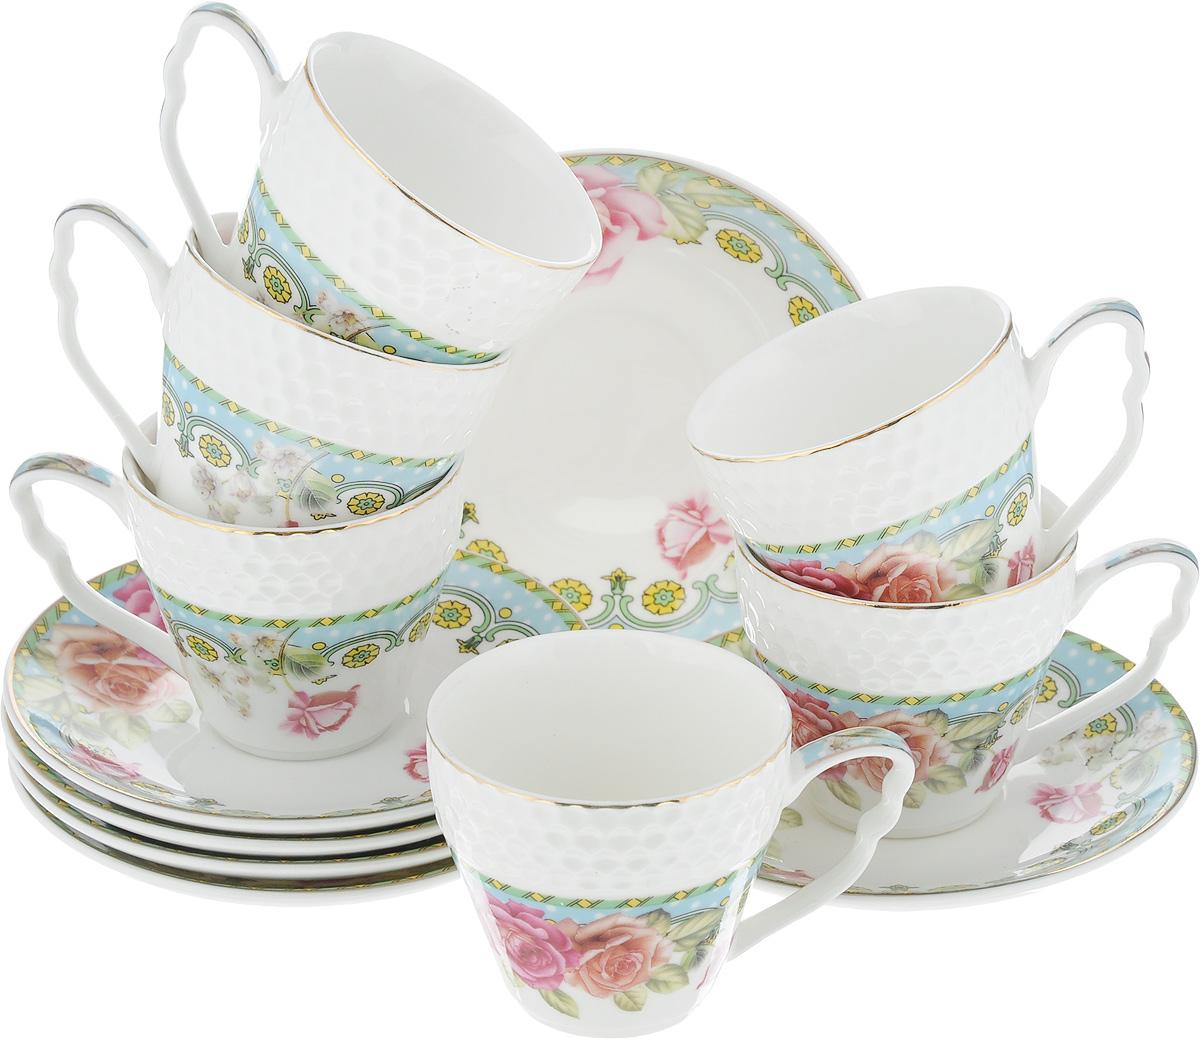 Набор кофейный Loraine Розы, 12 предметов. 2578925789Кофейный набор Loraine Розы состоит из 6 чашек и 6 блюдец. Изделия выполнены из высококачественного костяного фарфора, оформлены золотистой каймой и цветочным рисунком. Такой набор станет прекрасным украшением стола и порадует гостей изысканным дизайном и утонченностью. Набор упакован в подарочную коробку, задрапированную внутри белой атласной тканью. Каждый предмет надежно зафиксирован внутри коробки. Кофейный набор Loraine Розы идеально впишется в любой интерьер, а также станет идеальным подарком для ваших родных и близких. Объем чашки: 90 мл. Диаметр чашки (по верхнему краю): 6,2 см. Высота чашки: 5,5 см. Диаметр блюдца (по верхнему краю): 11,2 см. Высота блюдца: 1,5 см.